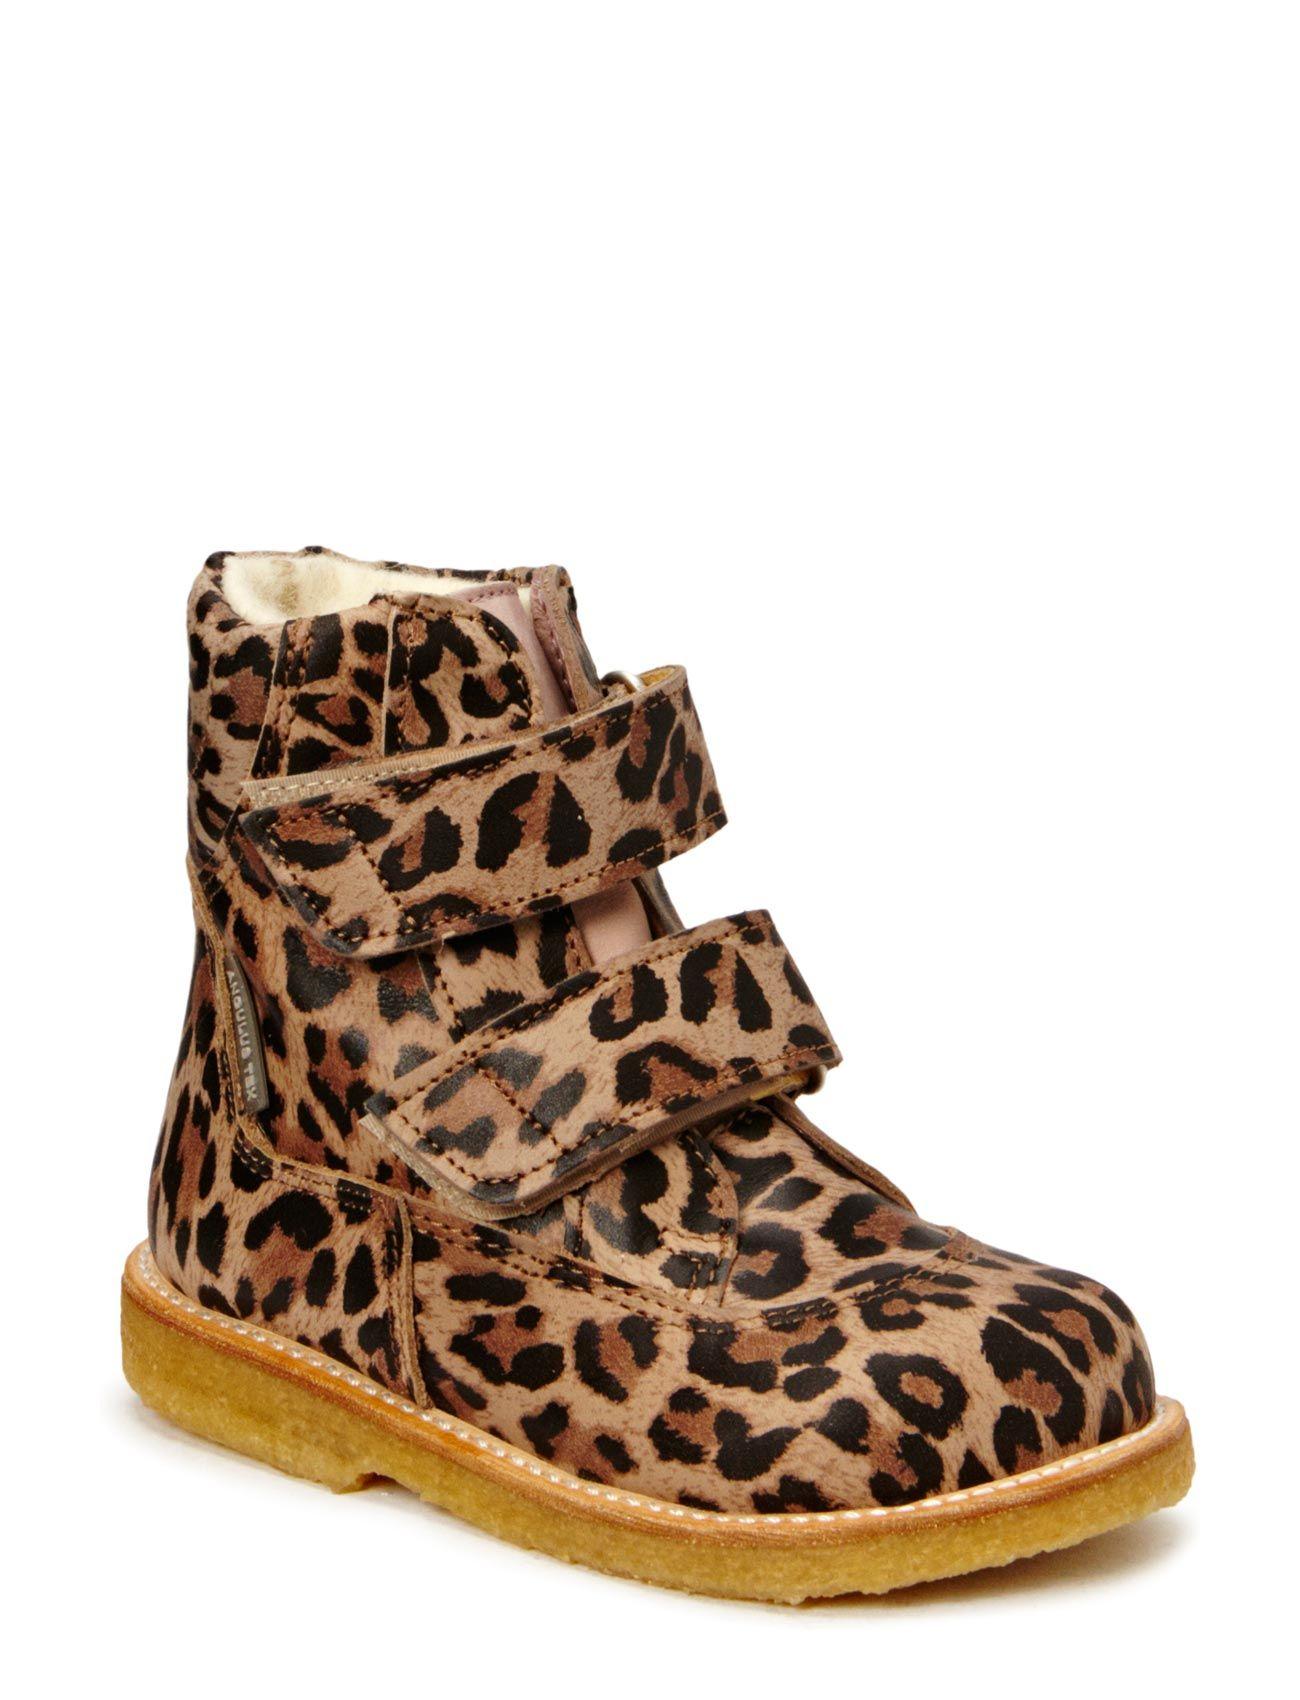 Boots - Flat - With Velcro ANGULUS Støvler til Børn i